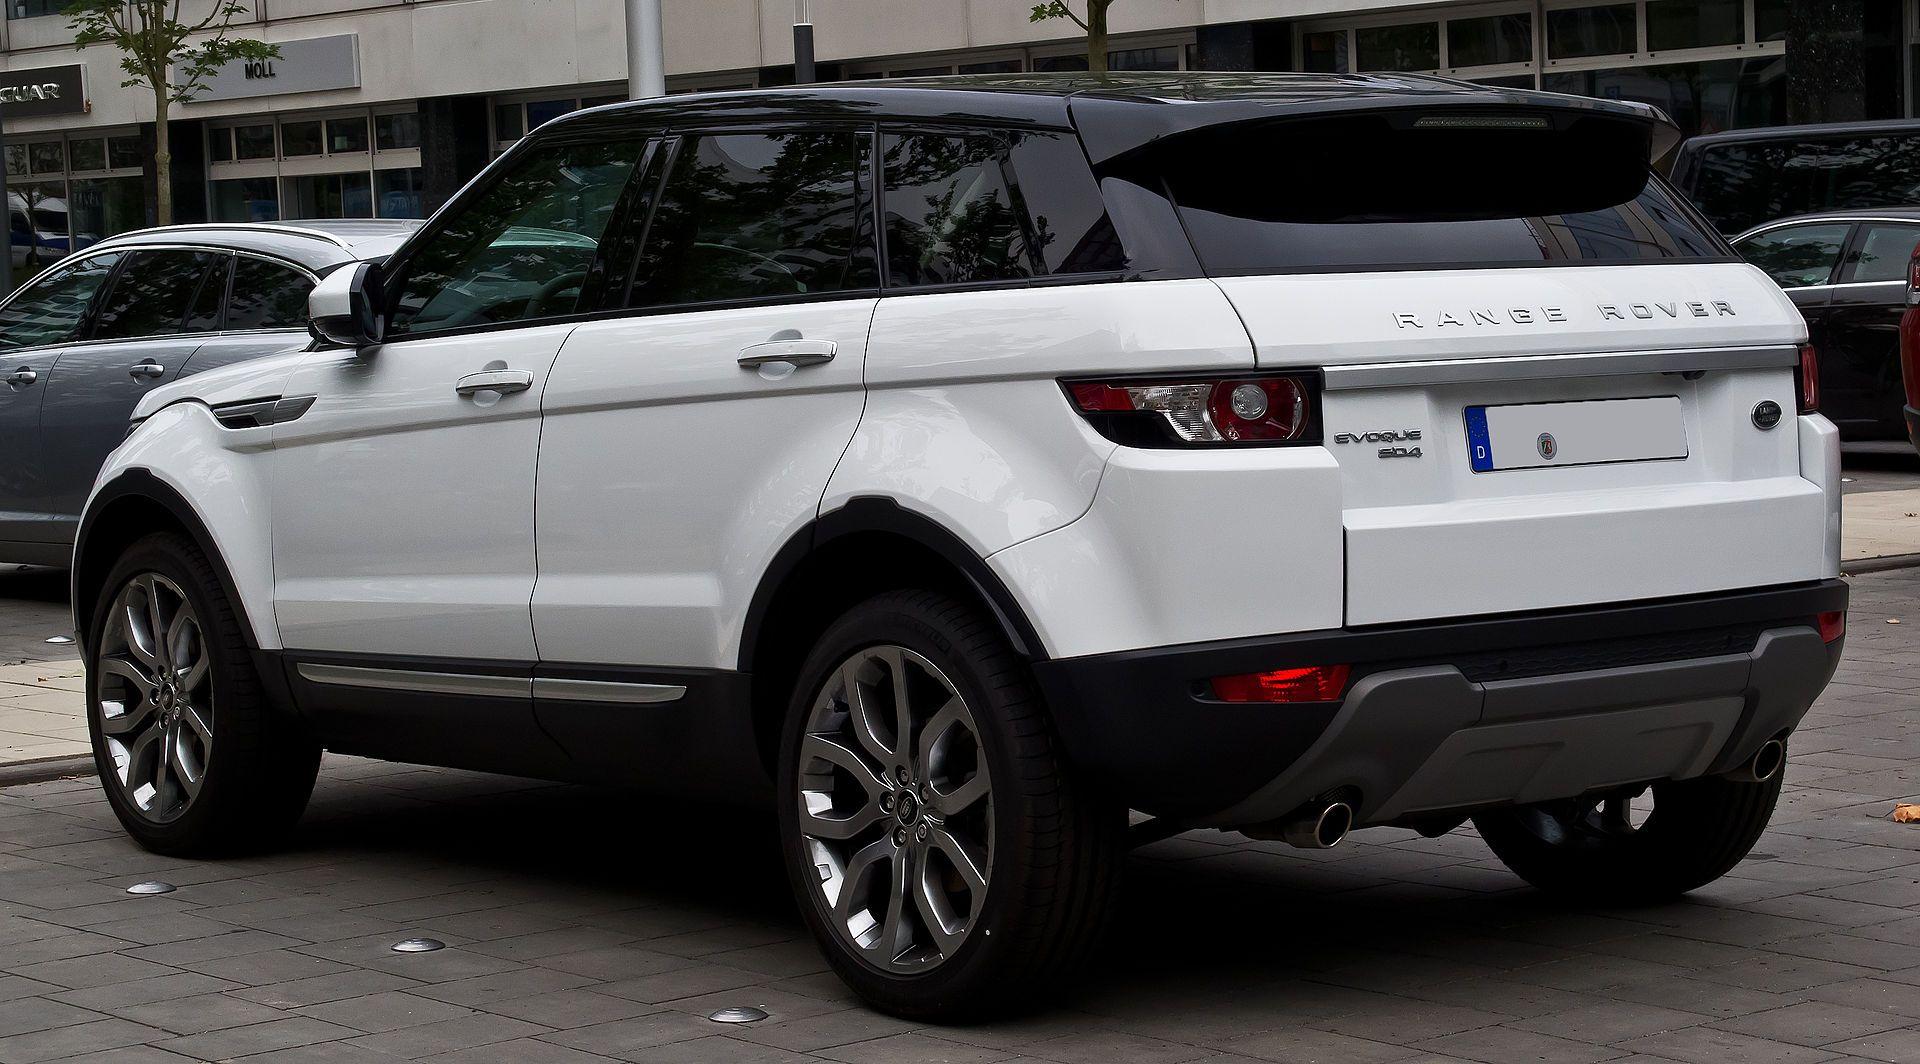 Range Rover Evoque Sd4 4wd Prestige Heckansicht 12 Juli 2014